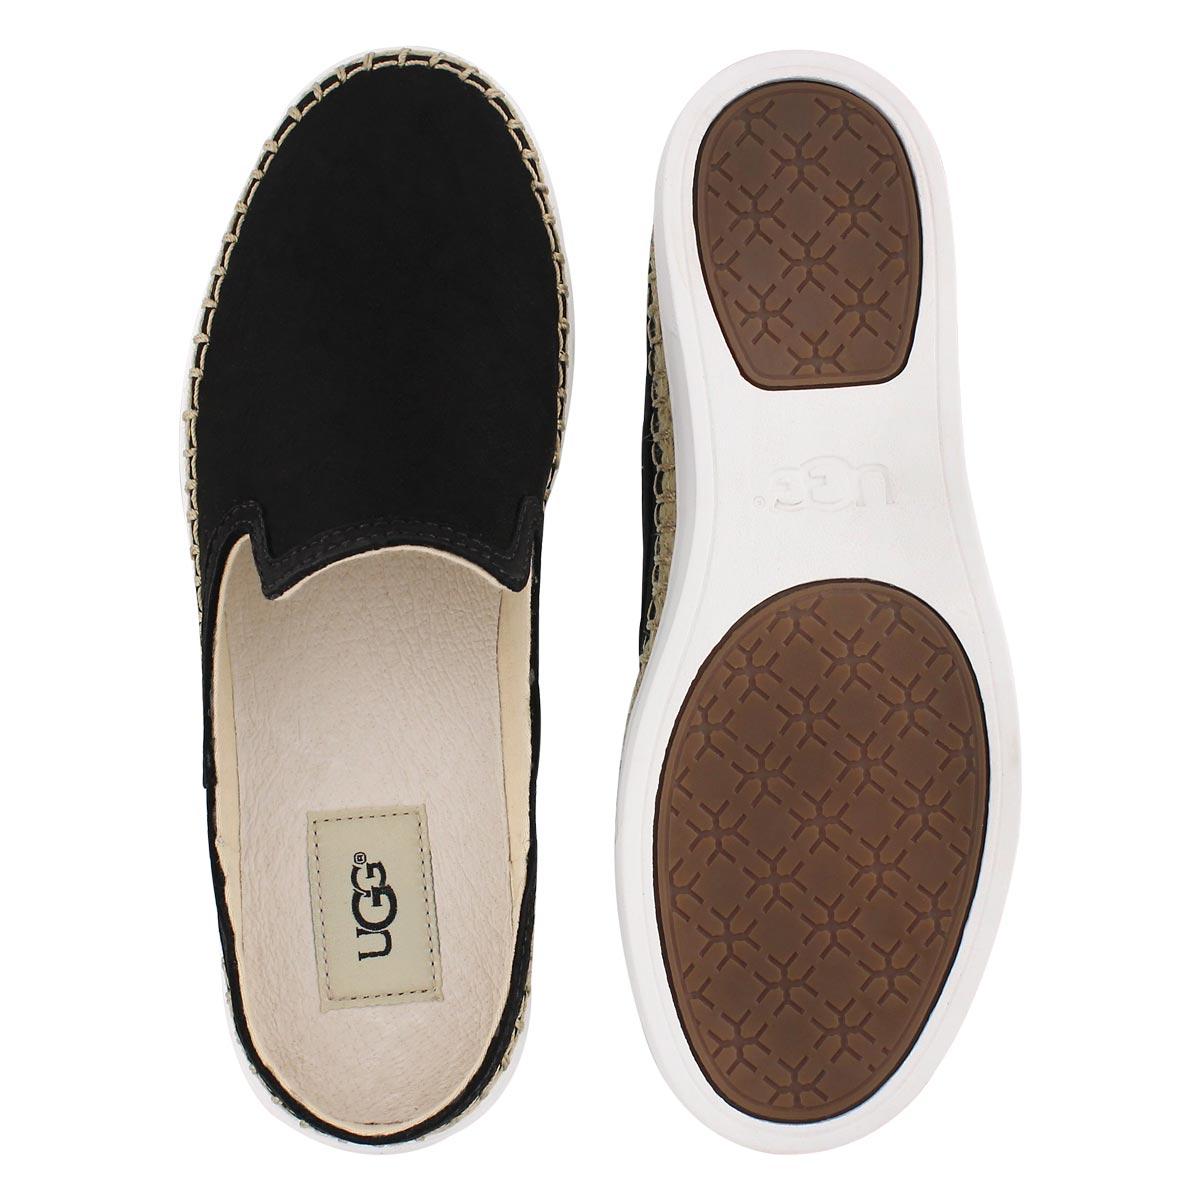 Lds Caleel black open back loafer